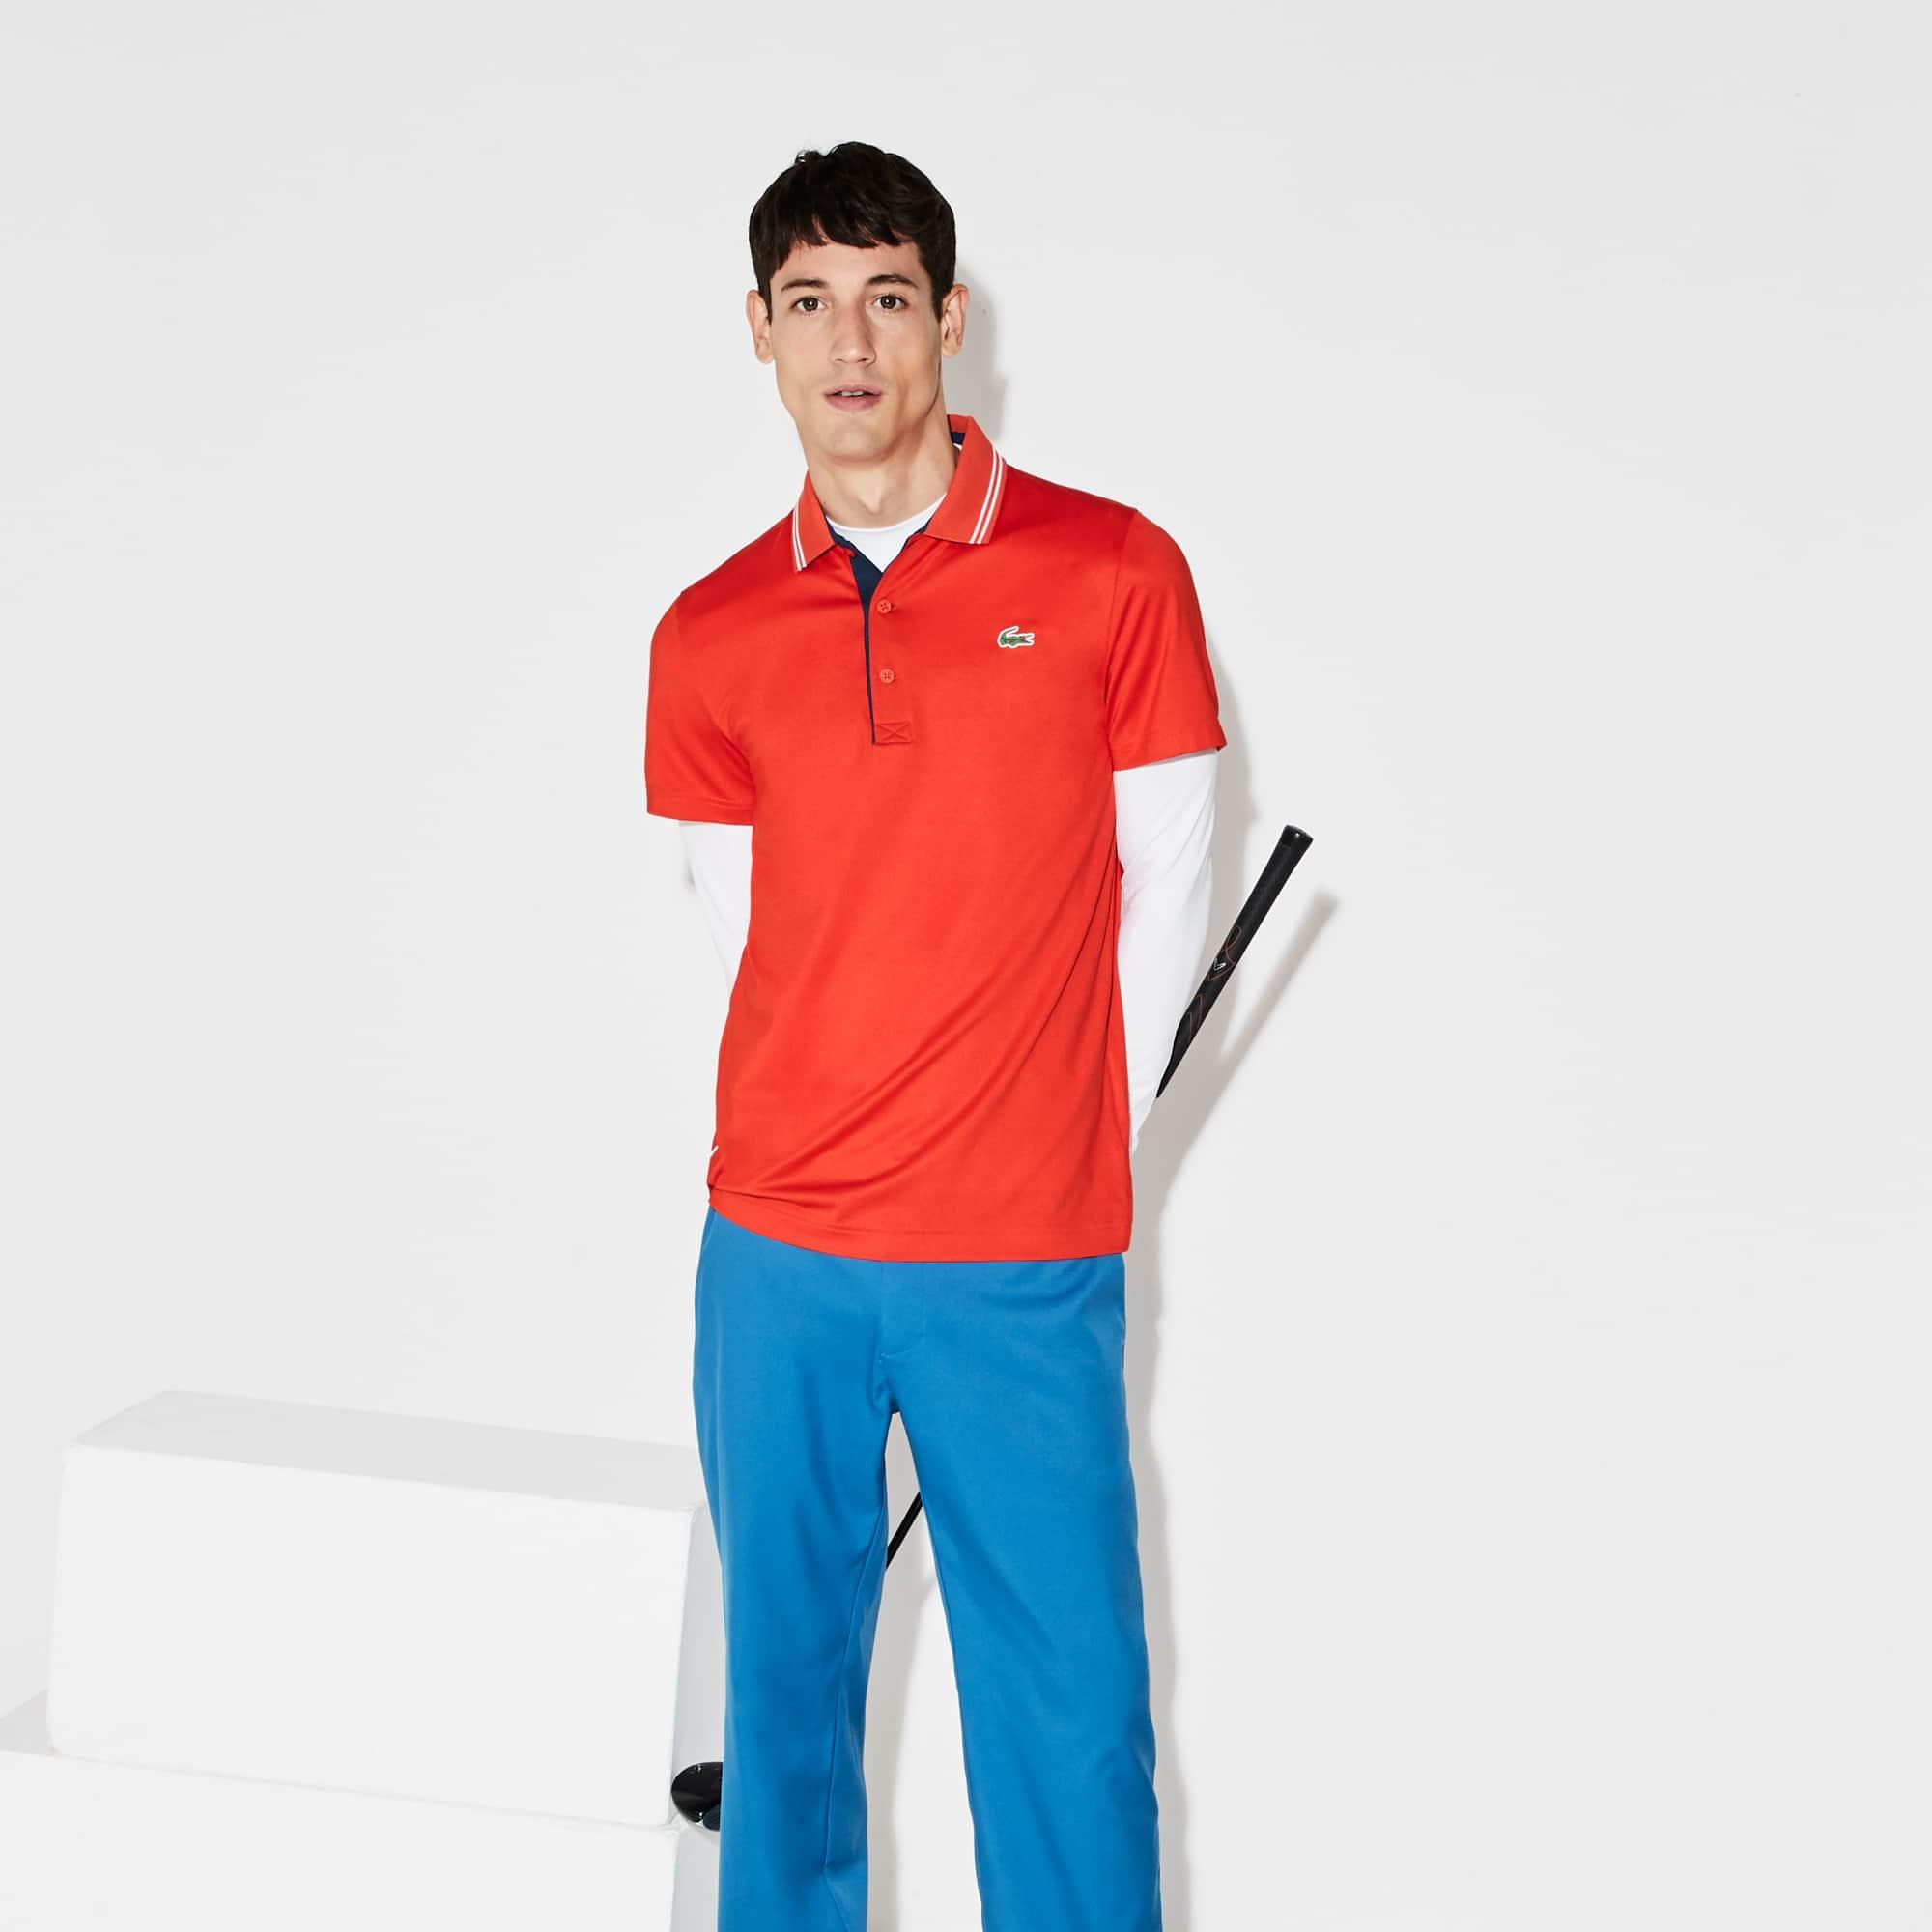 Lacoste - Herren LACOSTE SPORT Stretch Golf-Poloshirt mit Schriftzug - 4